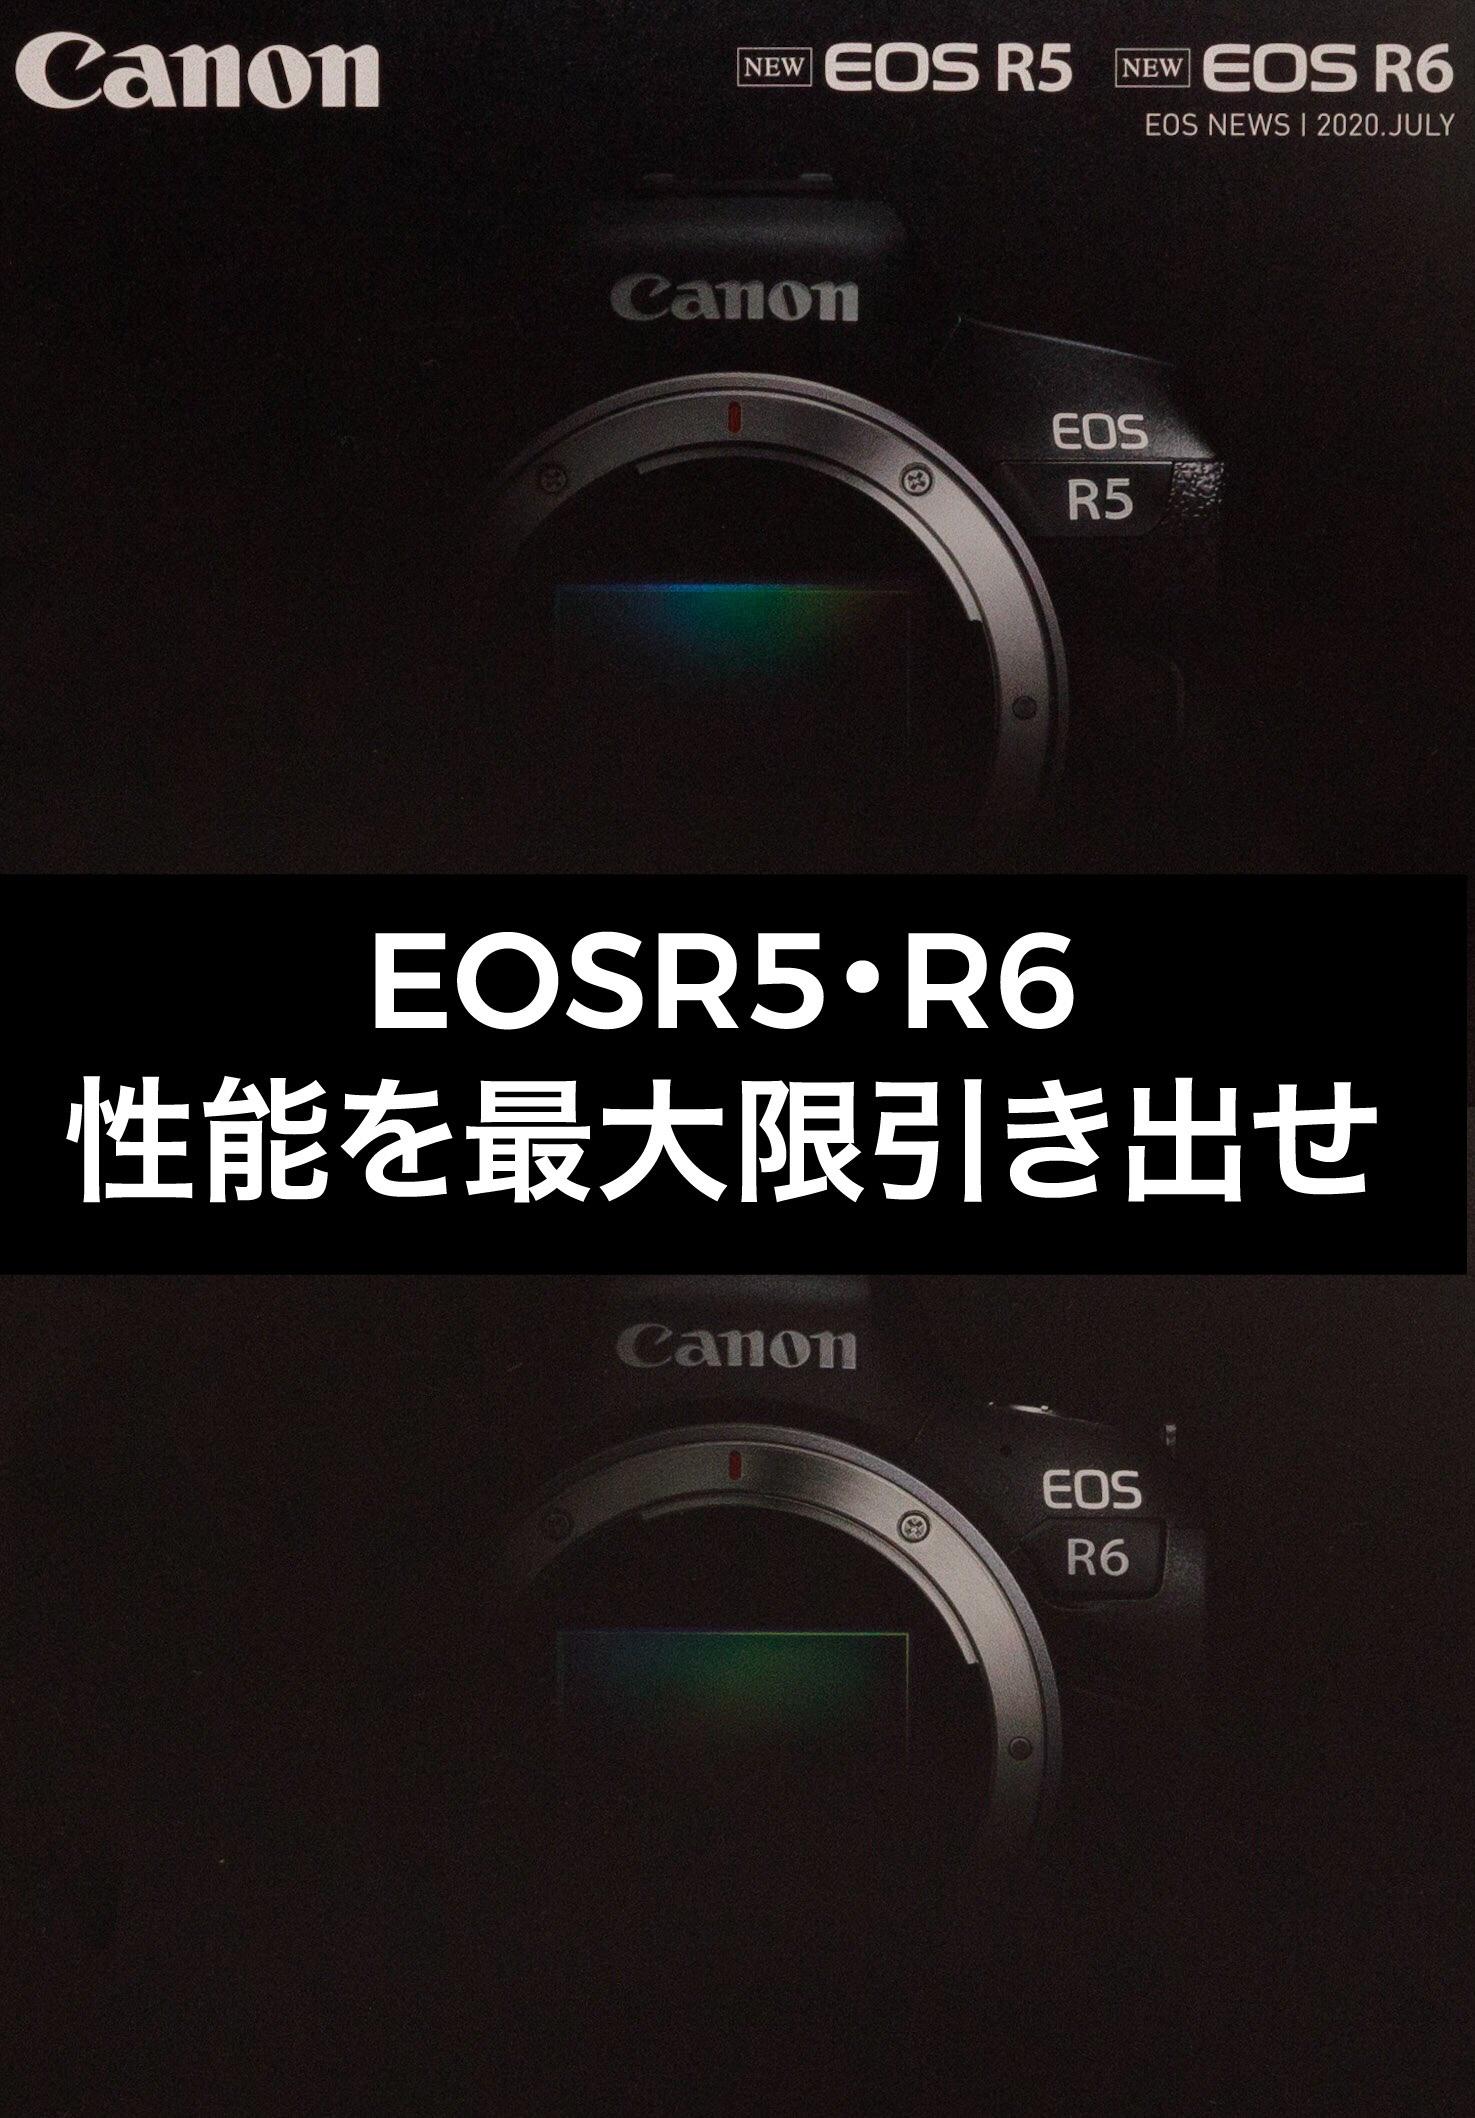 EOSR5・R6POWER